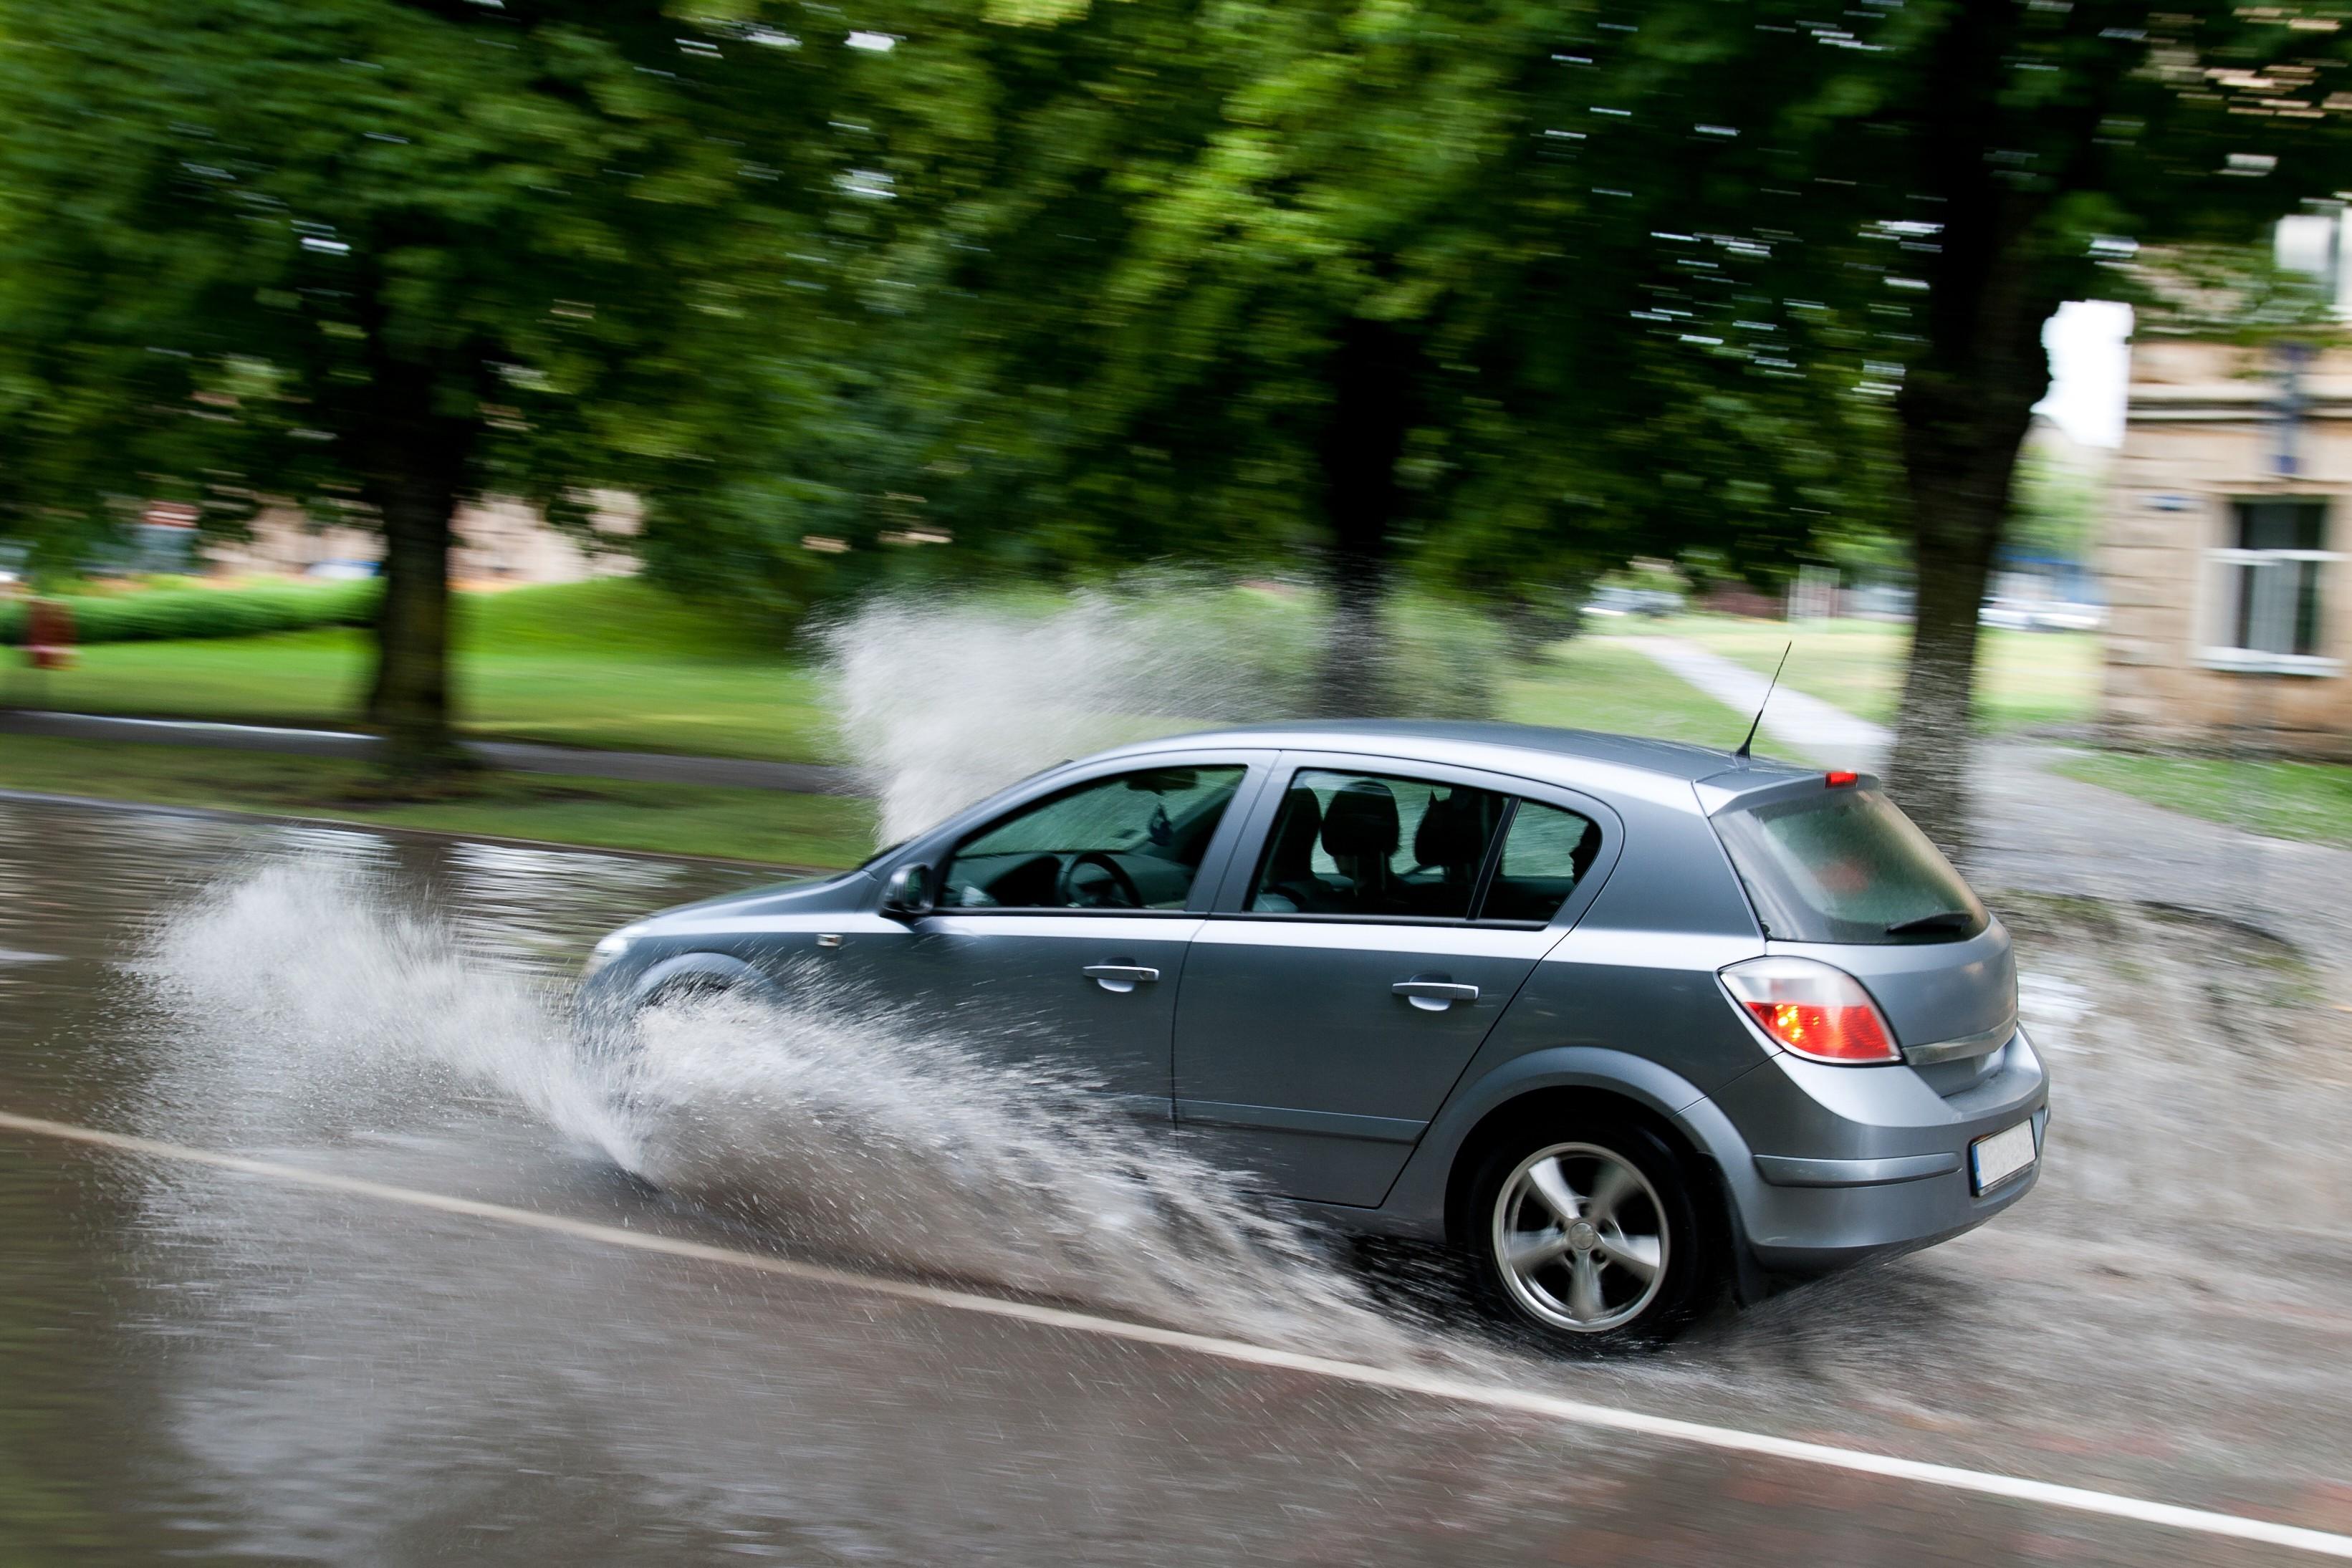 Правила безопасности при движении в дождь